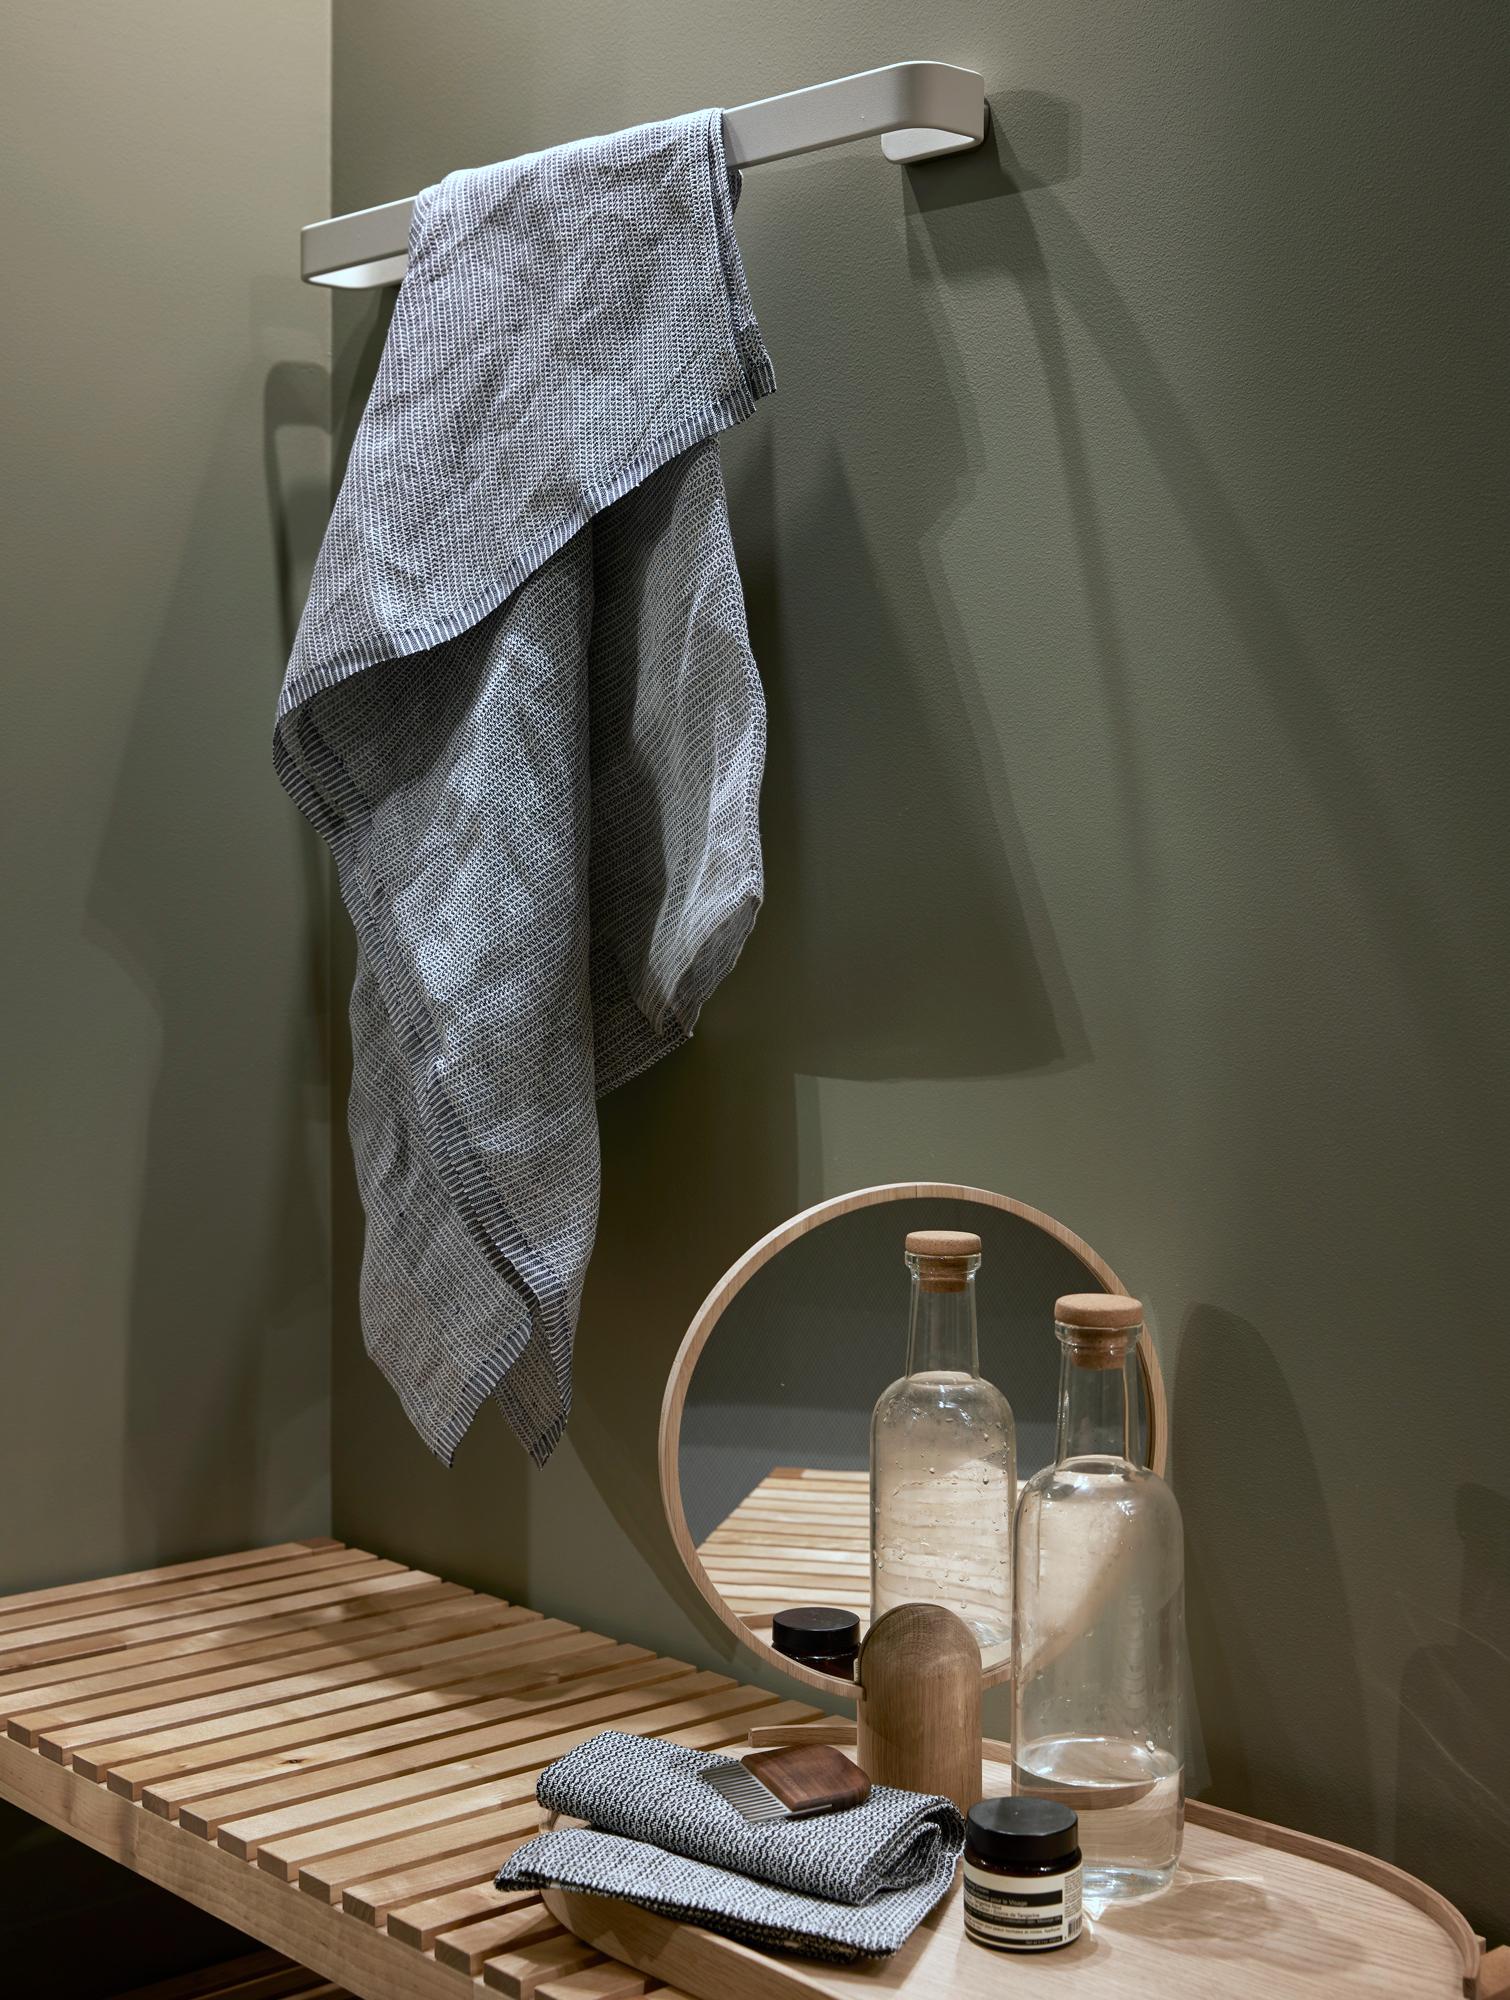 Molger benk i bjørk fra IKEA brukes til oppbevaring av håndkler itillegg som sittebenk.